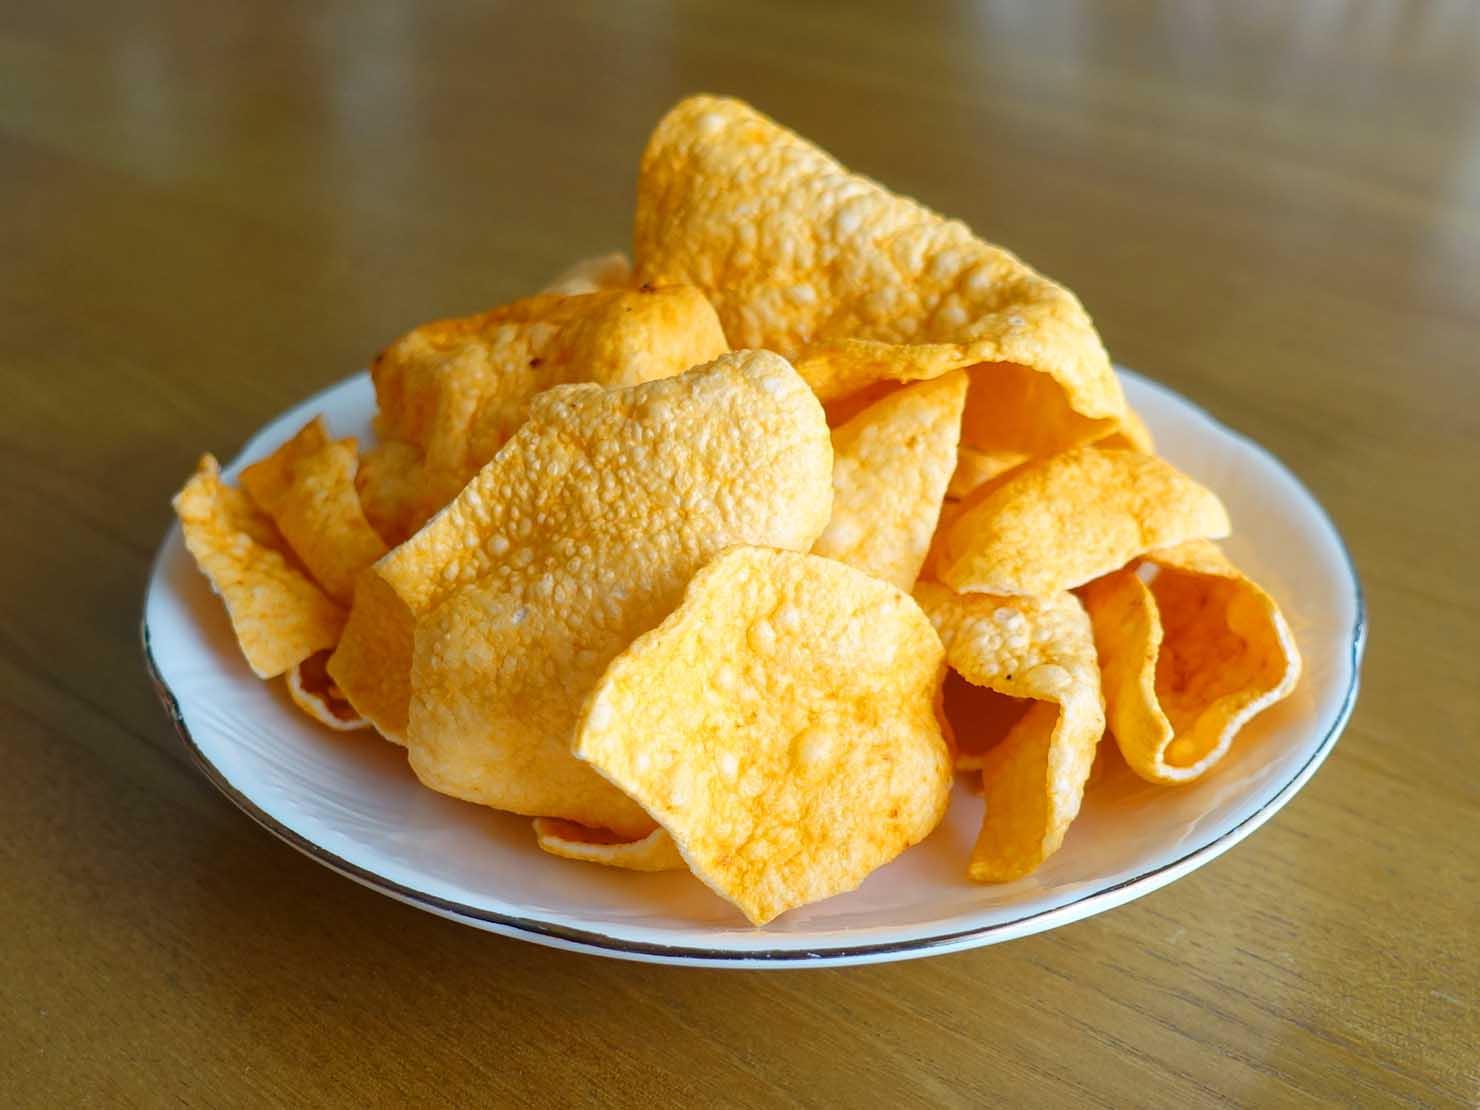 台湾おみやげ「YU ROCK 蝦圈圈&魚薯條(エビ&フィッシュクラッカー)」